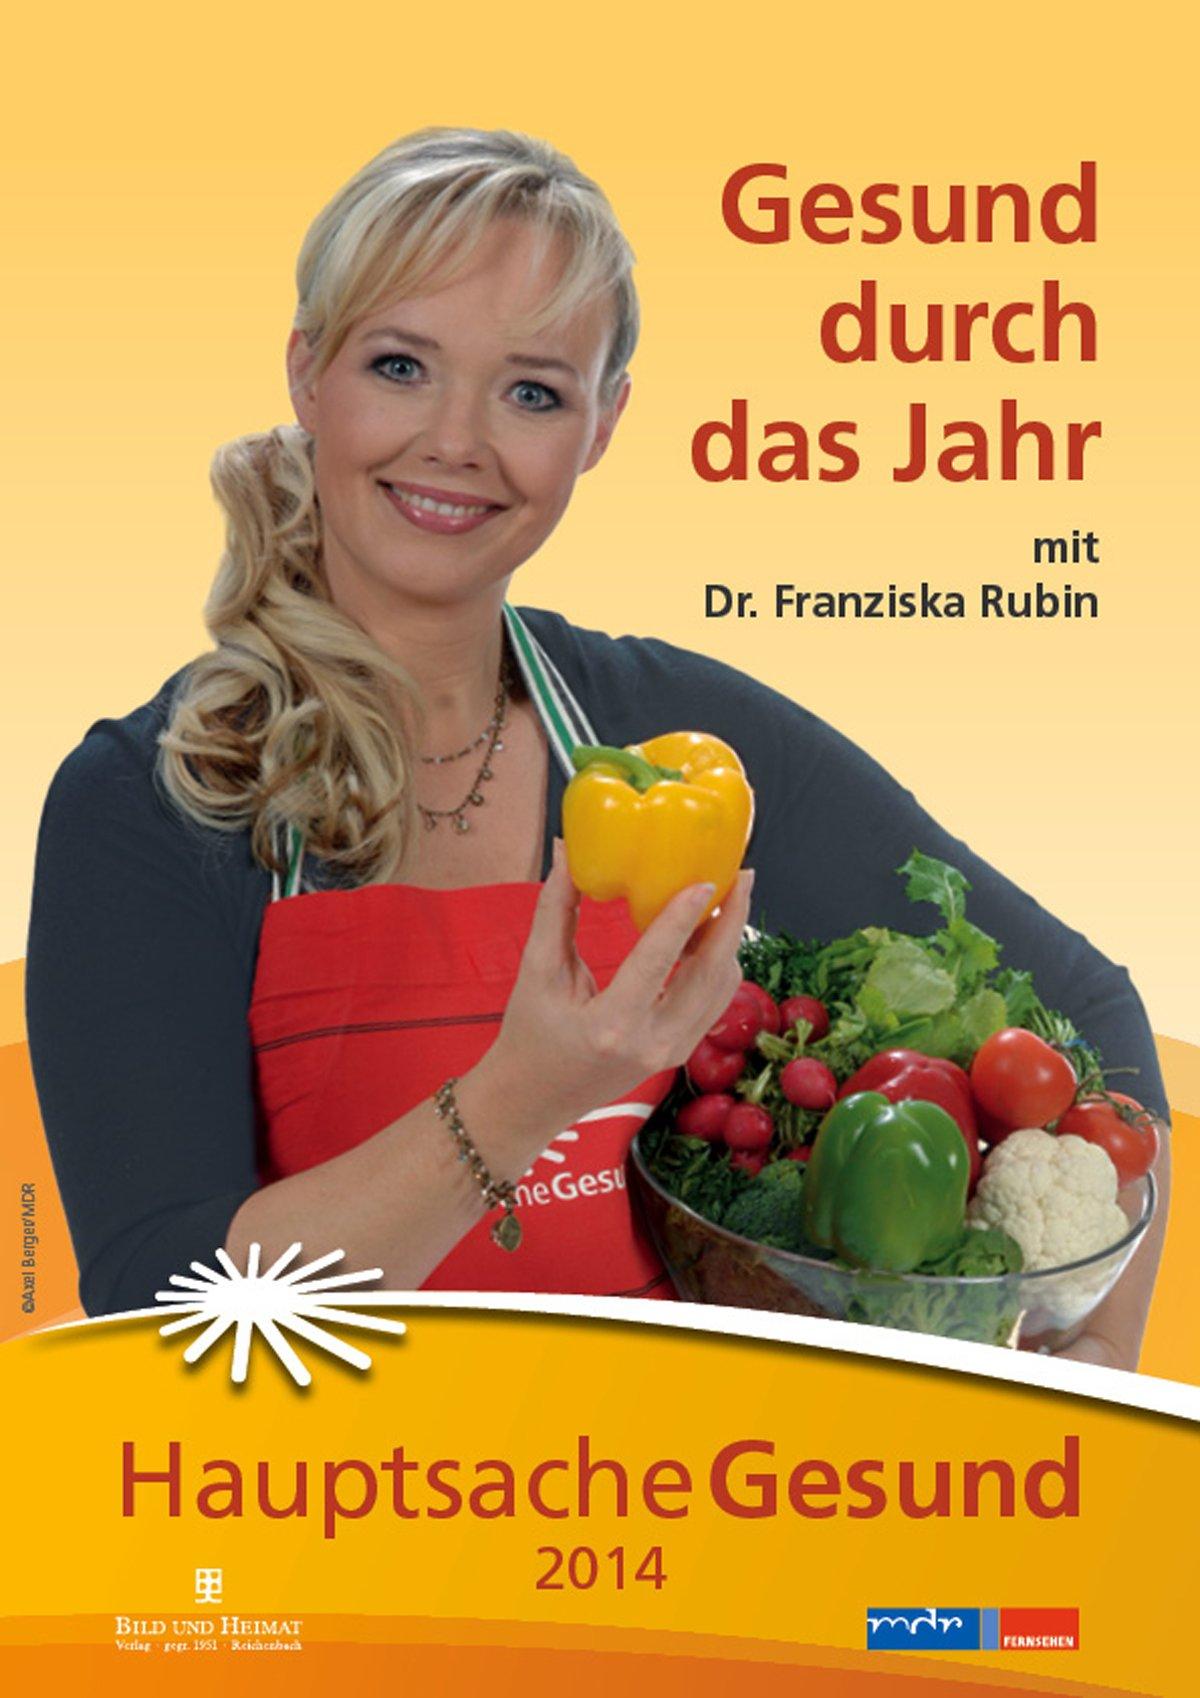 Hauptsache Gesund 2014: Gesund durch das Jahr mit Dr. Franziska Rubin